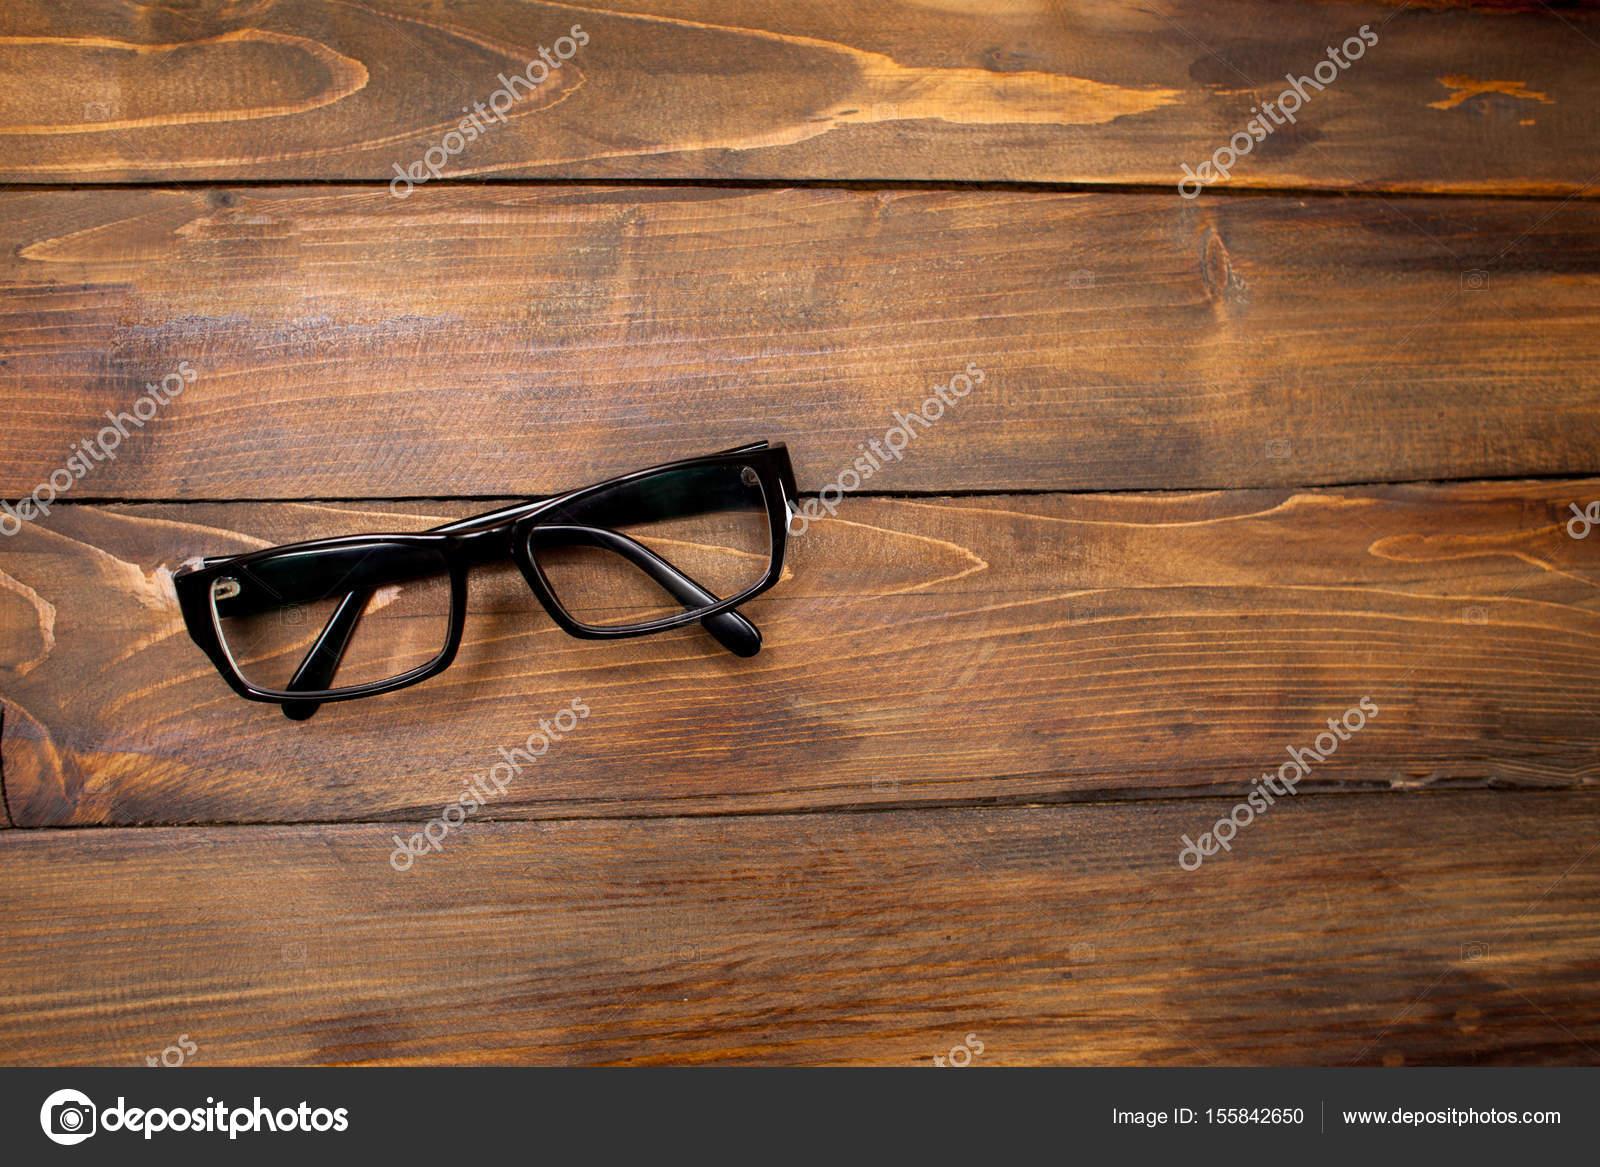 Gläser in schwarz Vintage-Rahmen auf hölzernen Hintergrund ...